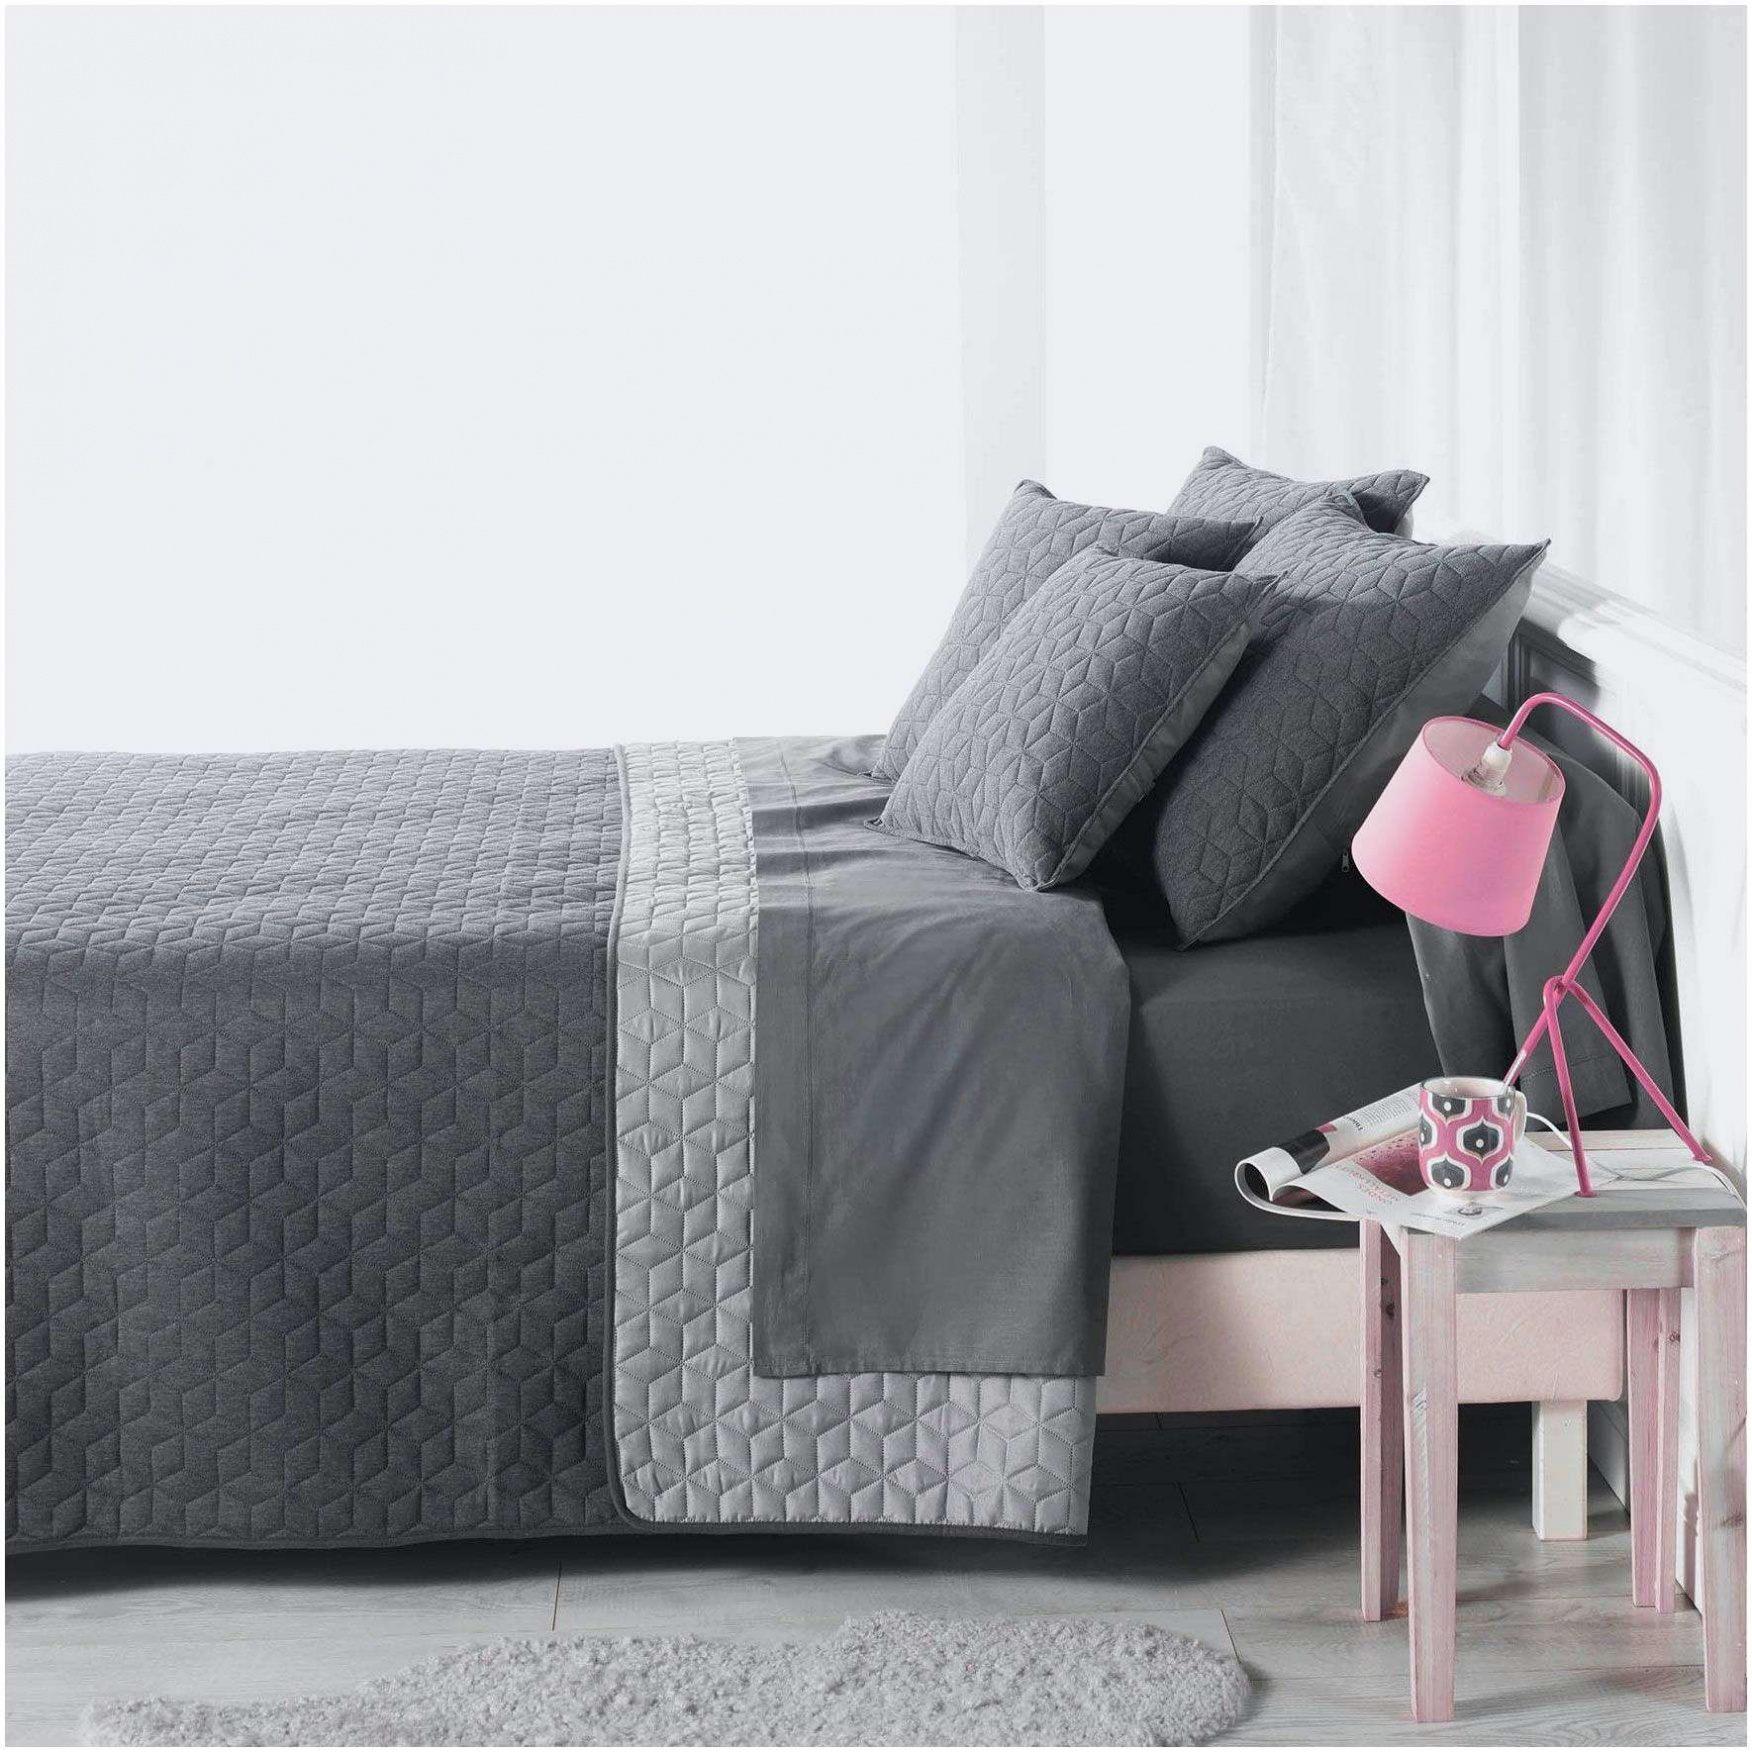 parure de lit bleu canard luxe beau couvre lit moderne. Black Bedroom Furniture Sets. Home Design Ideas